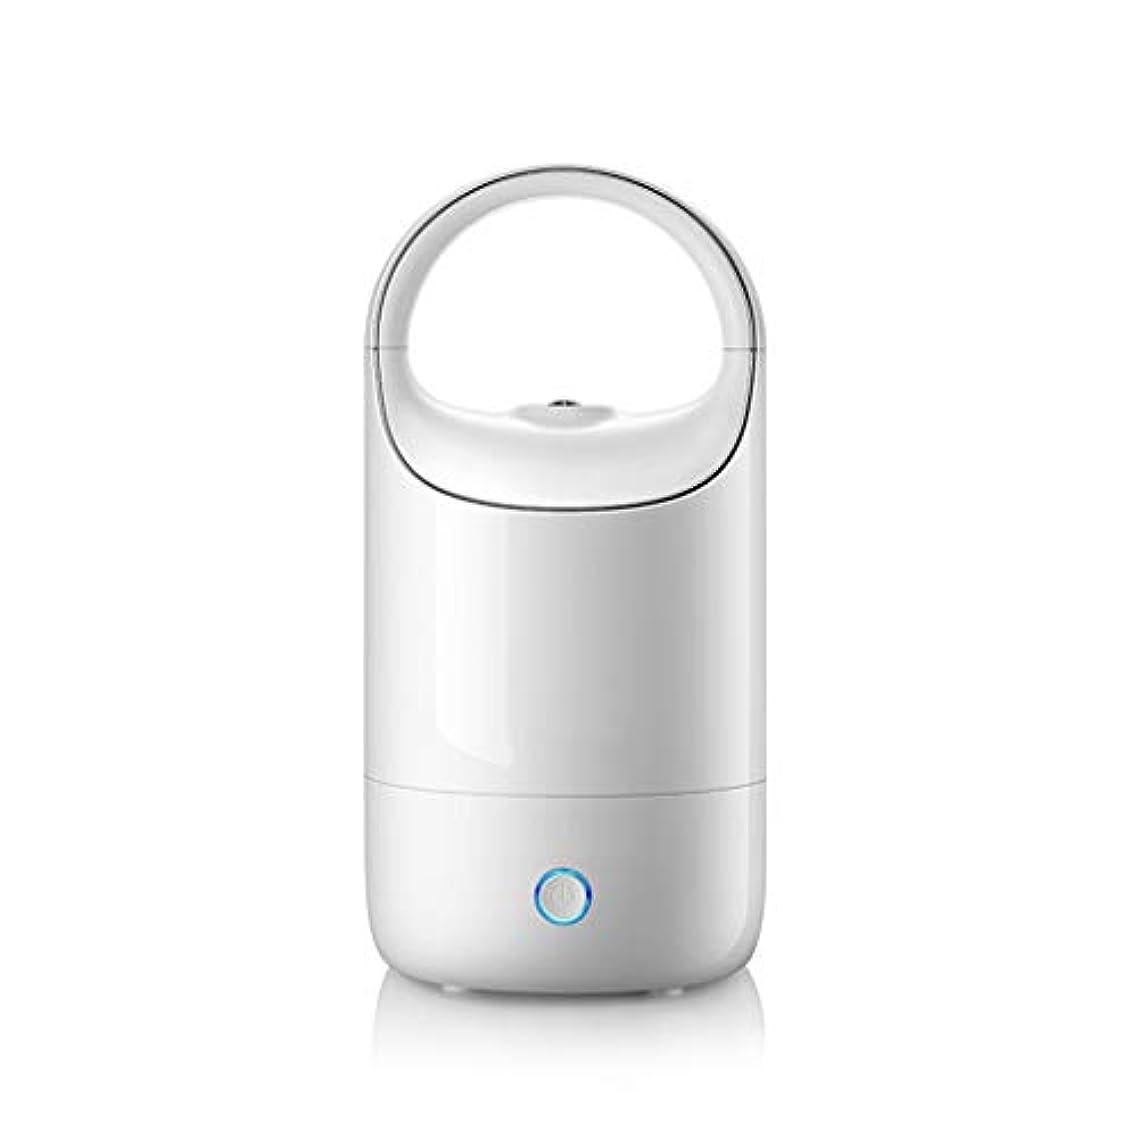 気候の山呼び起こす不調和空気加湿器ホームサイレント寝室妊婦赤ちゃん空気霧大容量ディフューザー (Color : White)